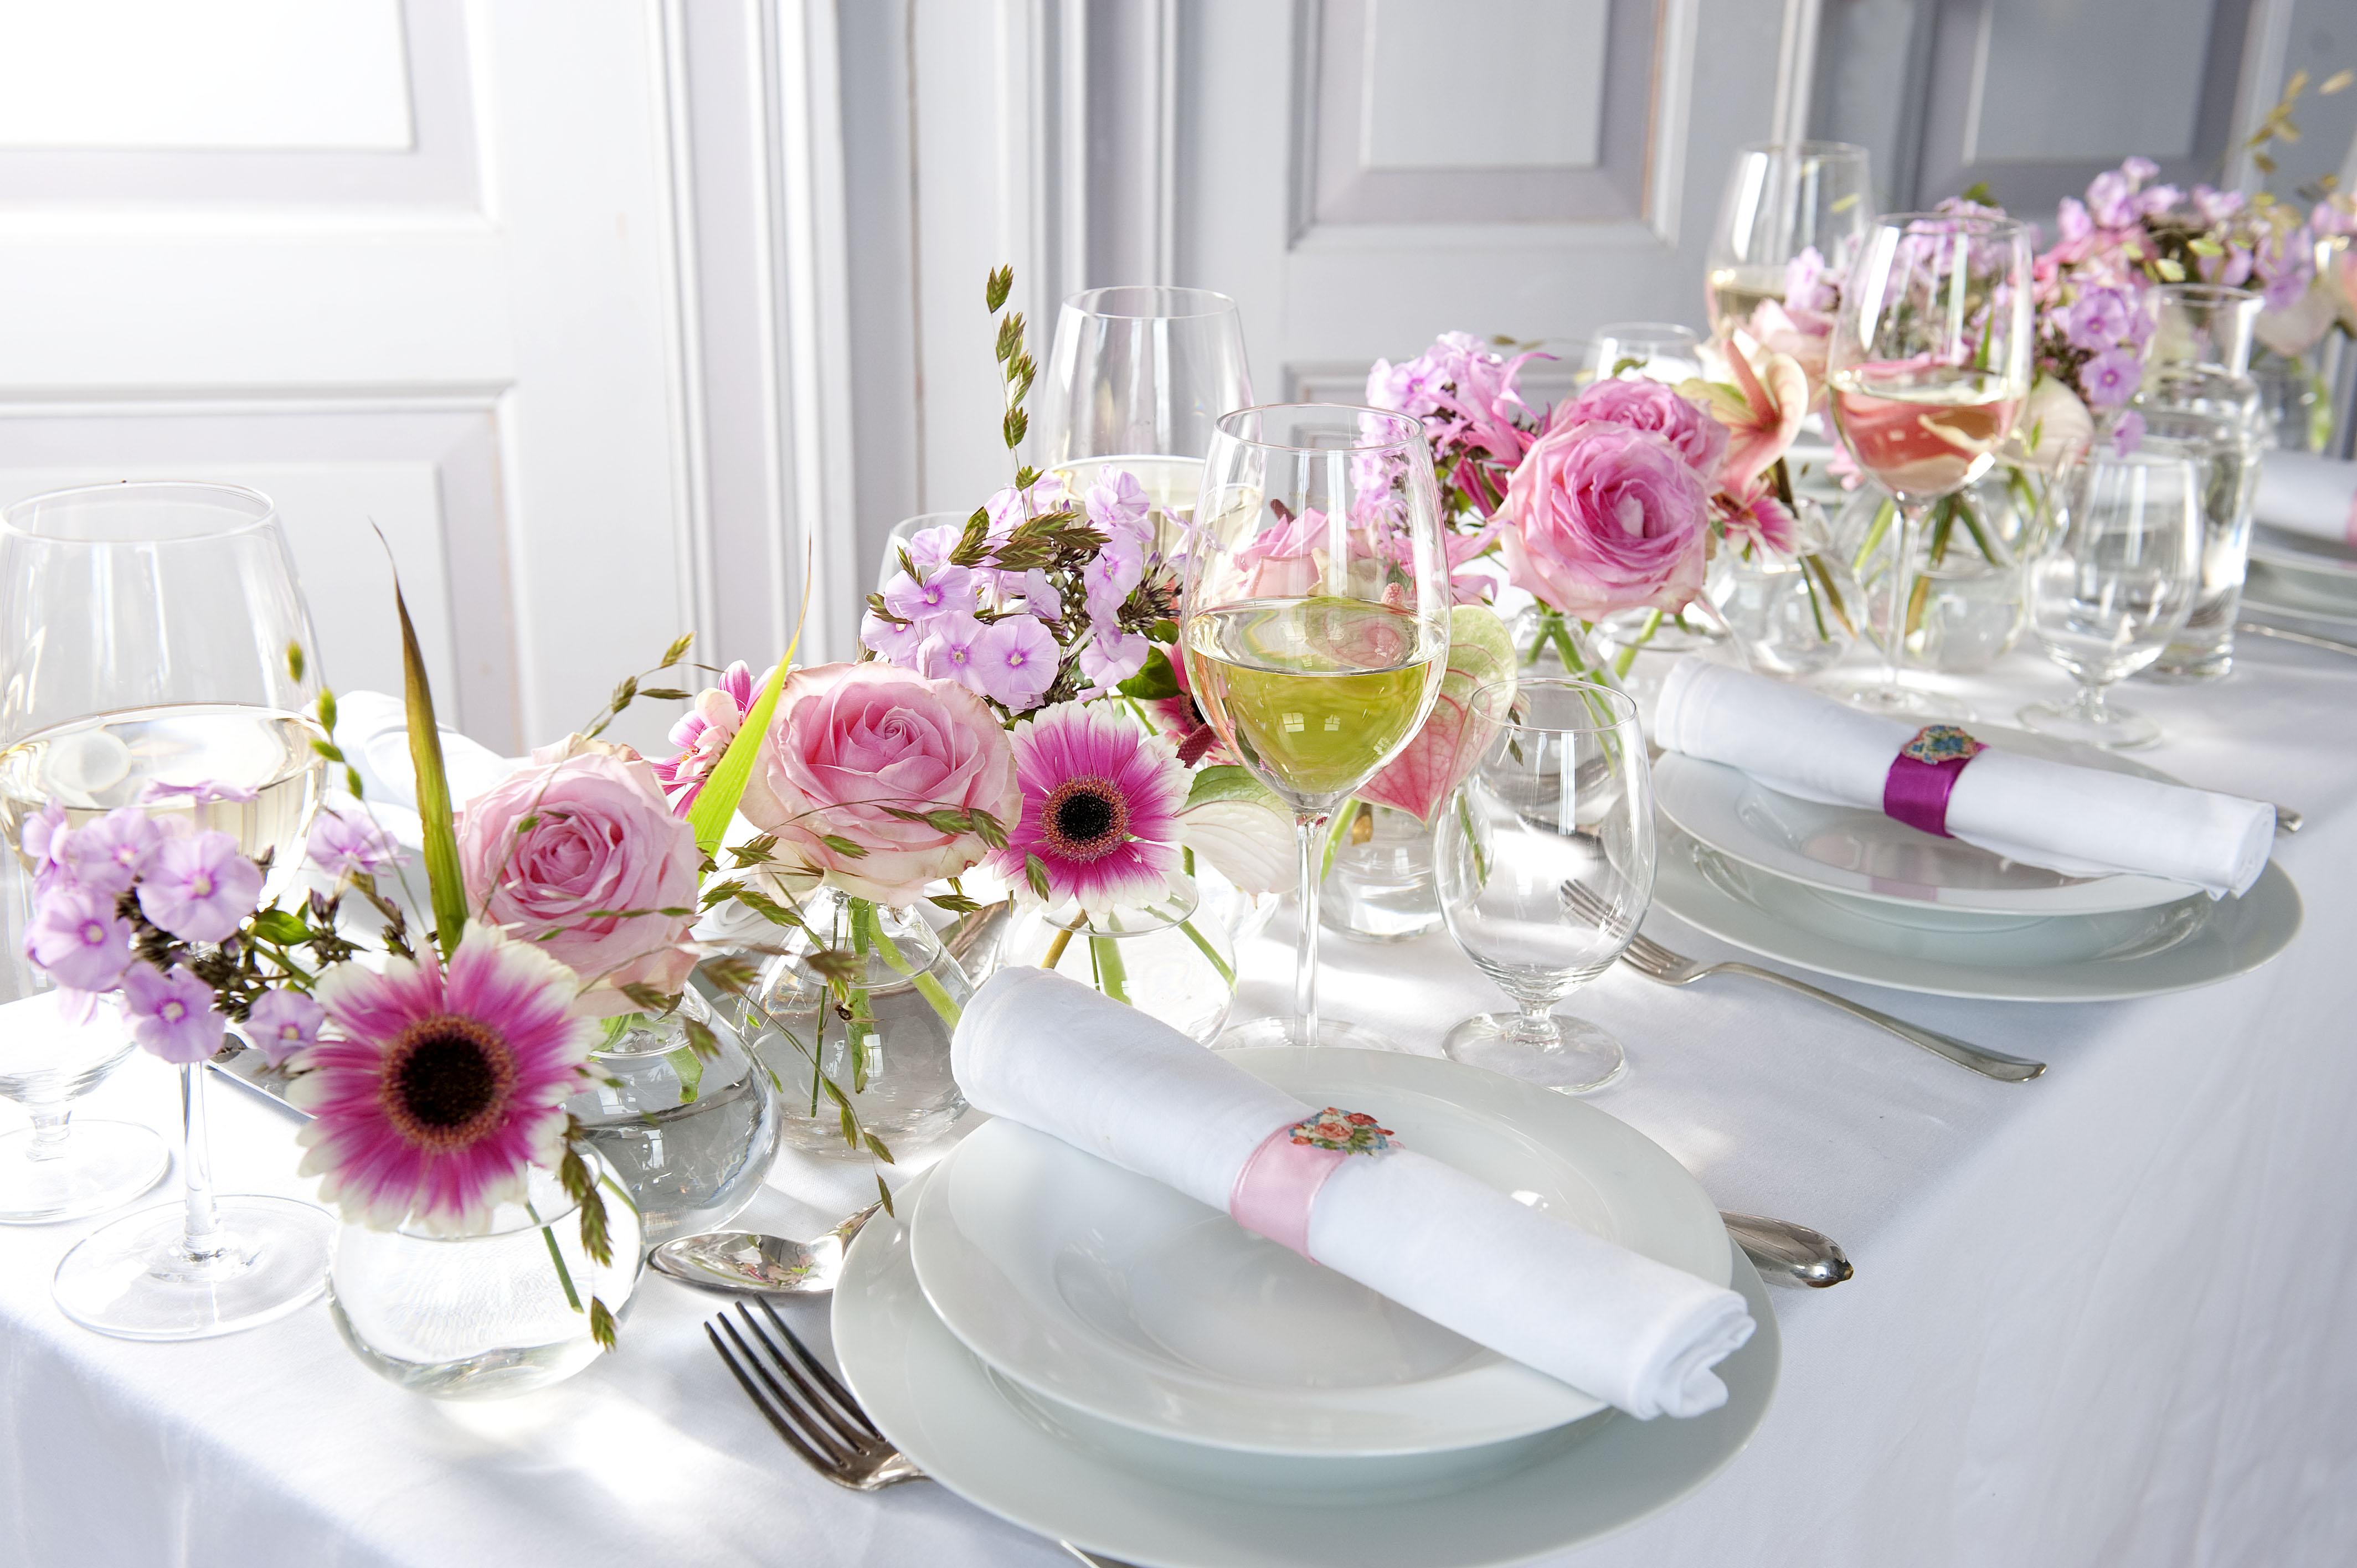 Bruidsboeket en bloemen bloemen francois van gurp for Tafeldecoratie bruiloft